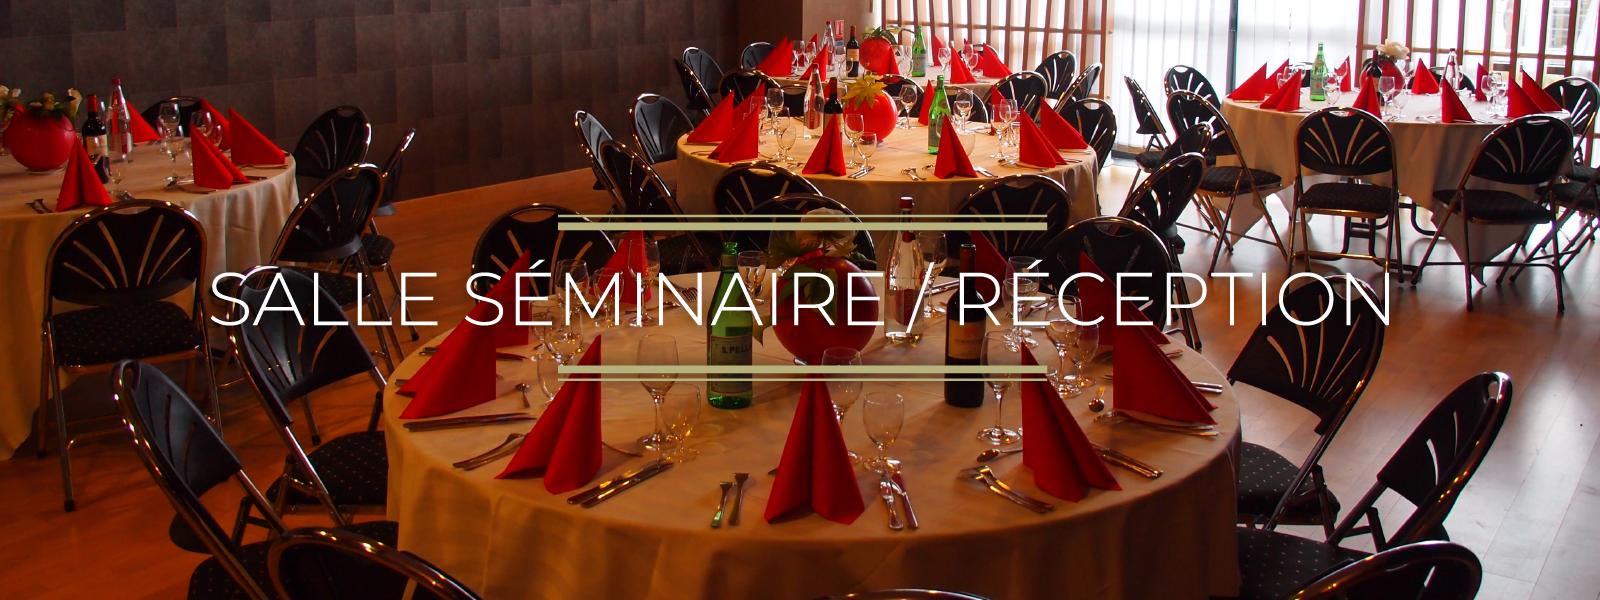 salle de séminaire et réceptions pour célébrer tous vos événements professionnels et personnels à Vire, Normandie